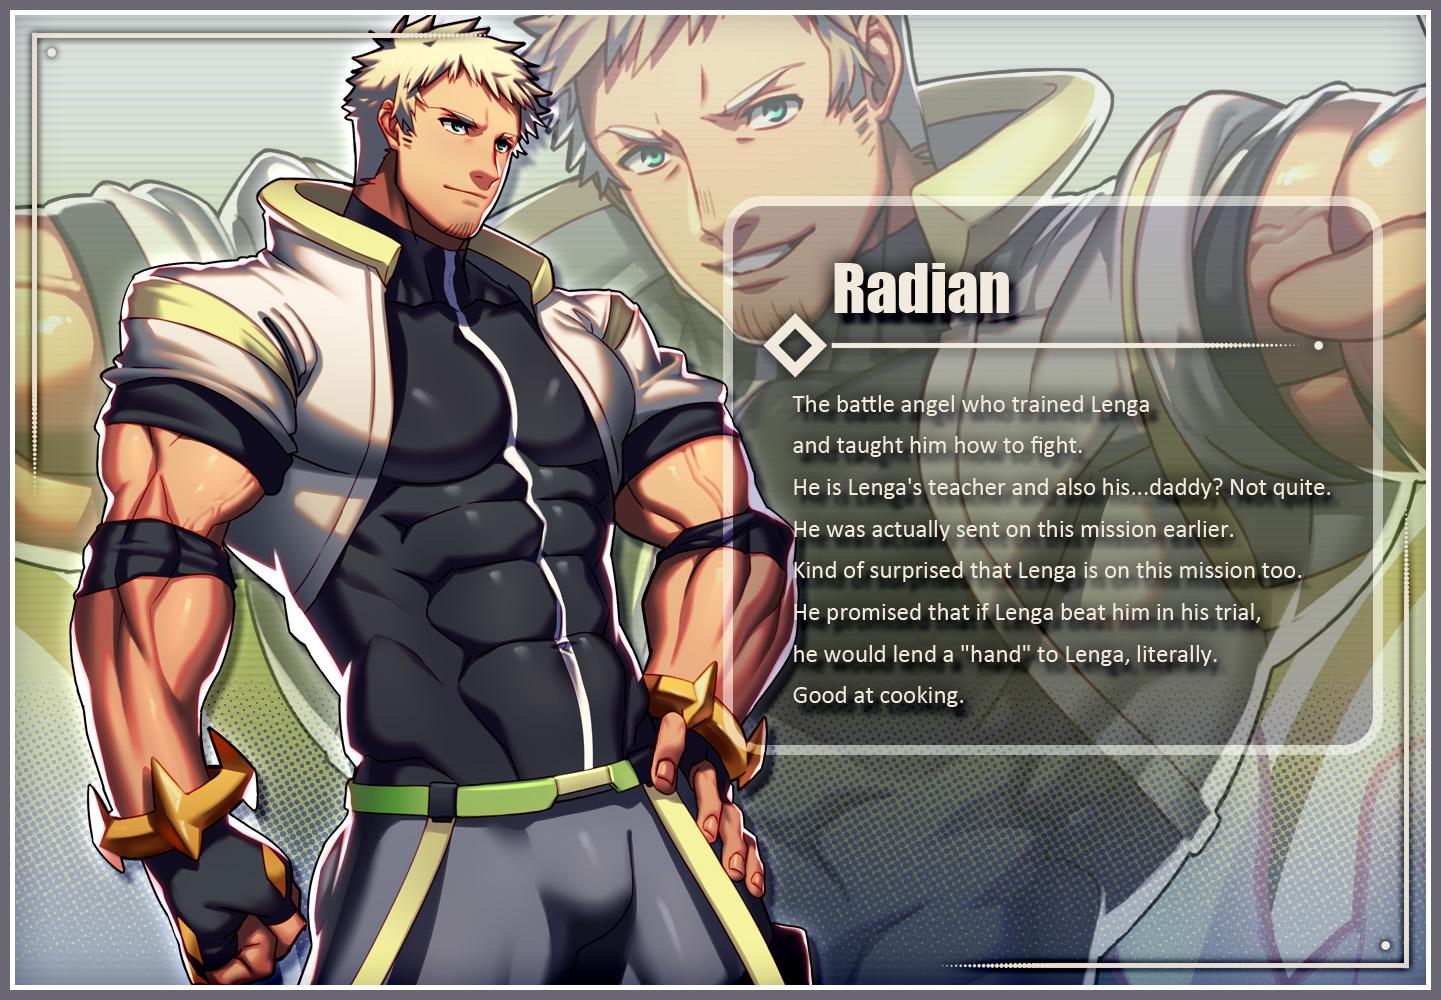 617121_Radian.jpg